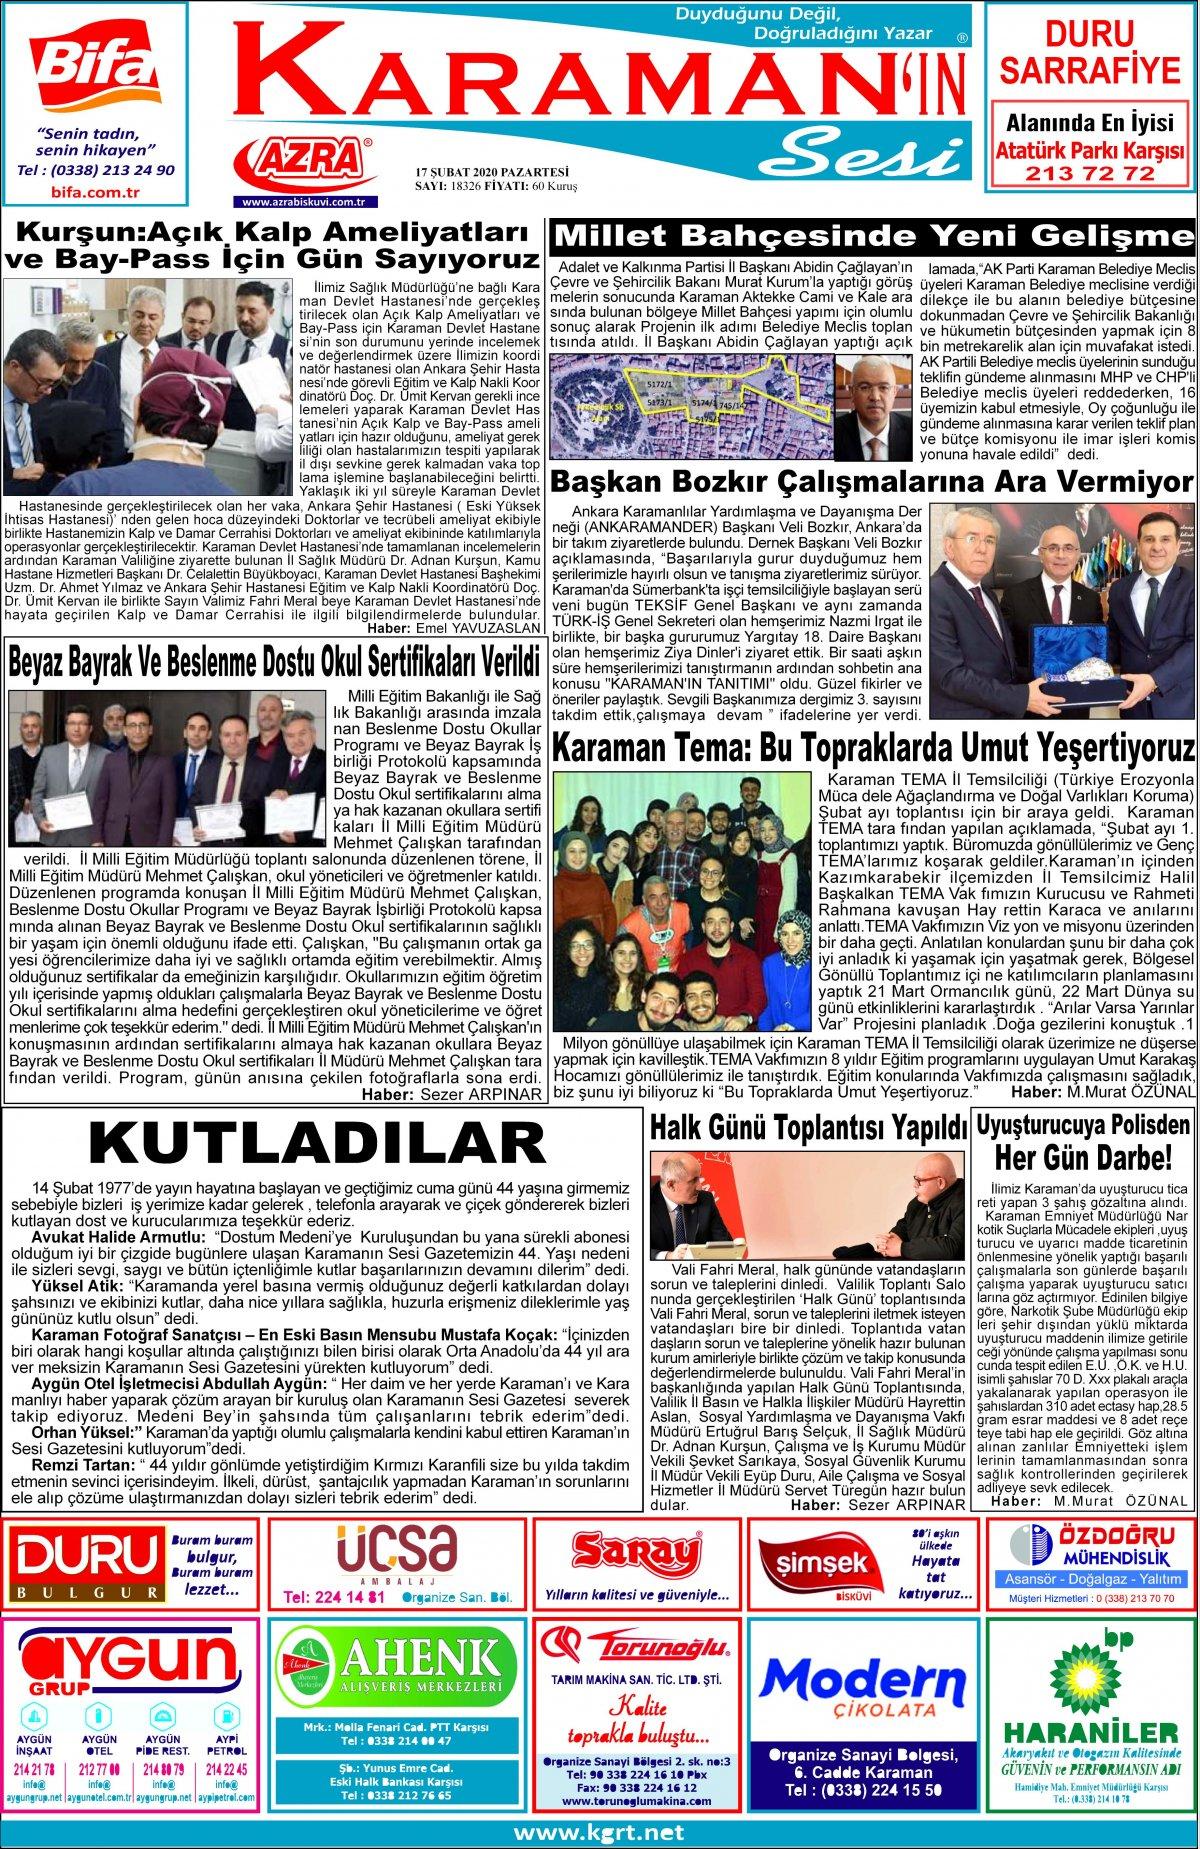 www.kgrt.net | Karaman Haber - 17.02.2020 Manşeti